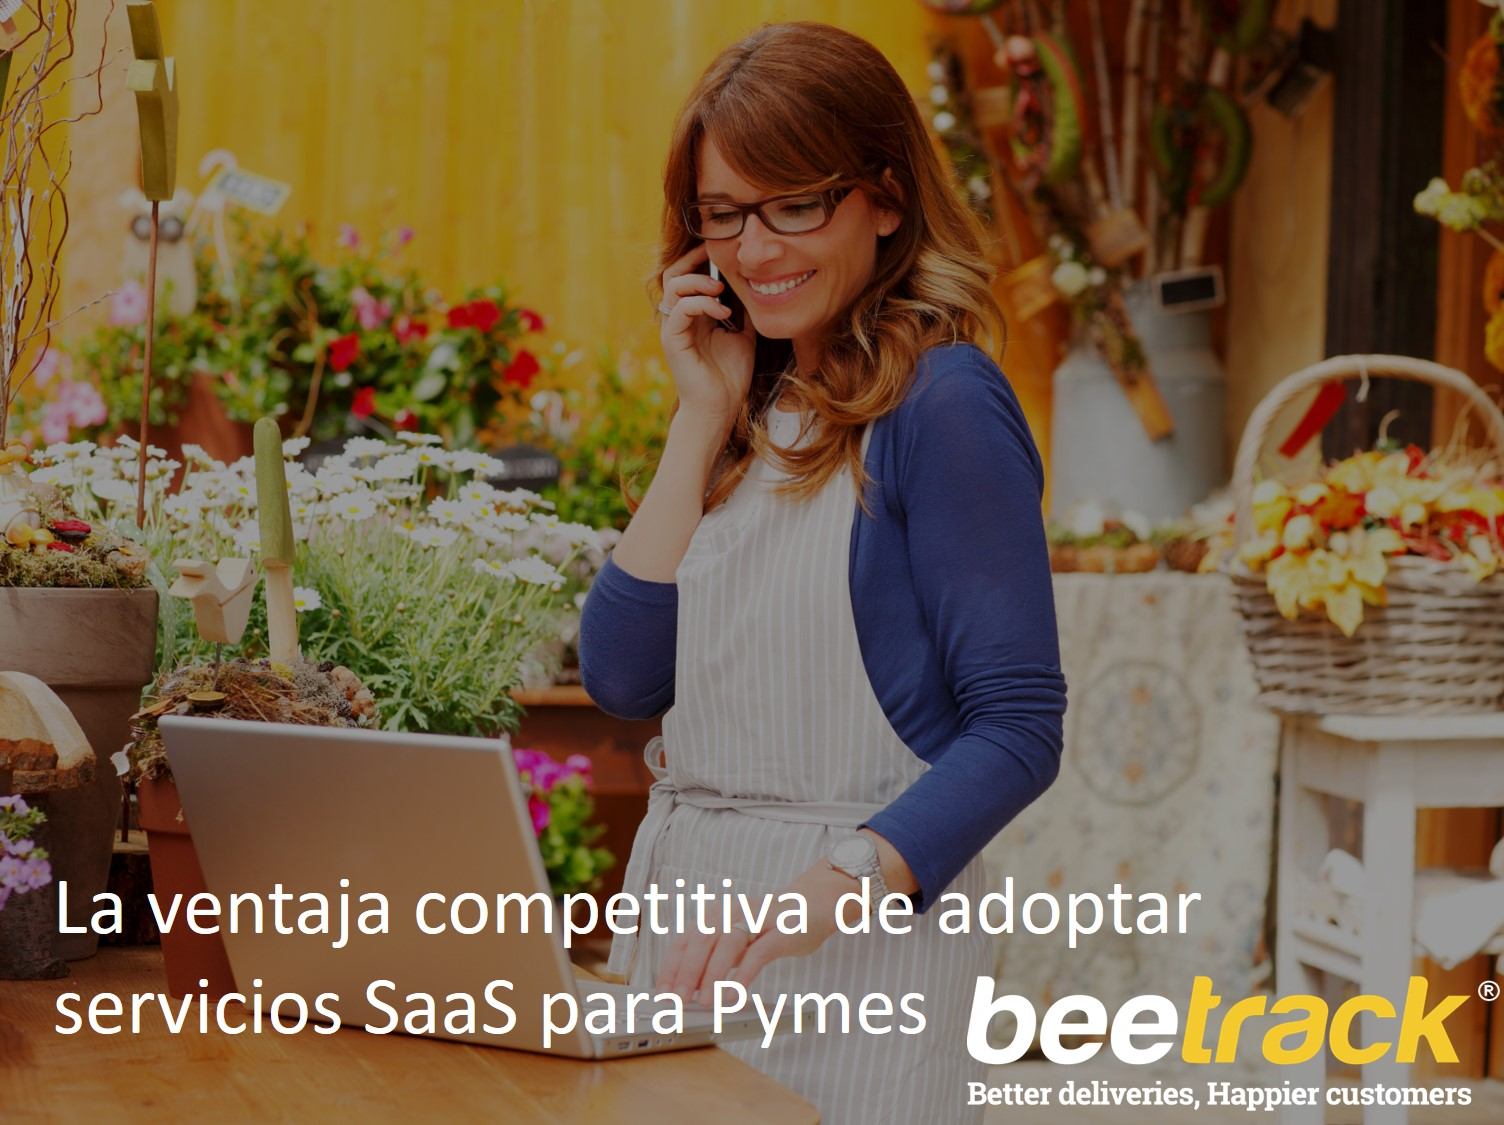 La ventaja competitiva de adoptar servicios SaaS para Pymes-1.jpg